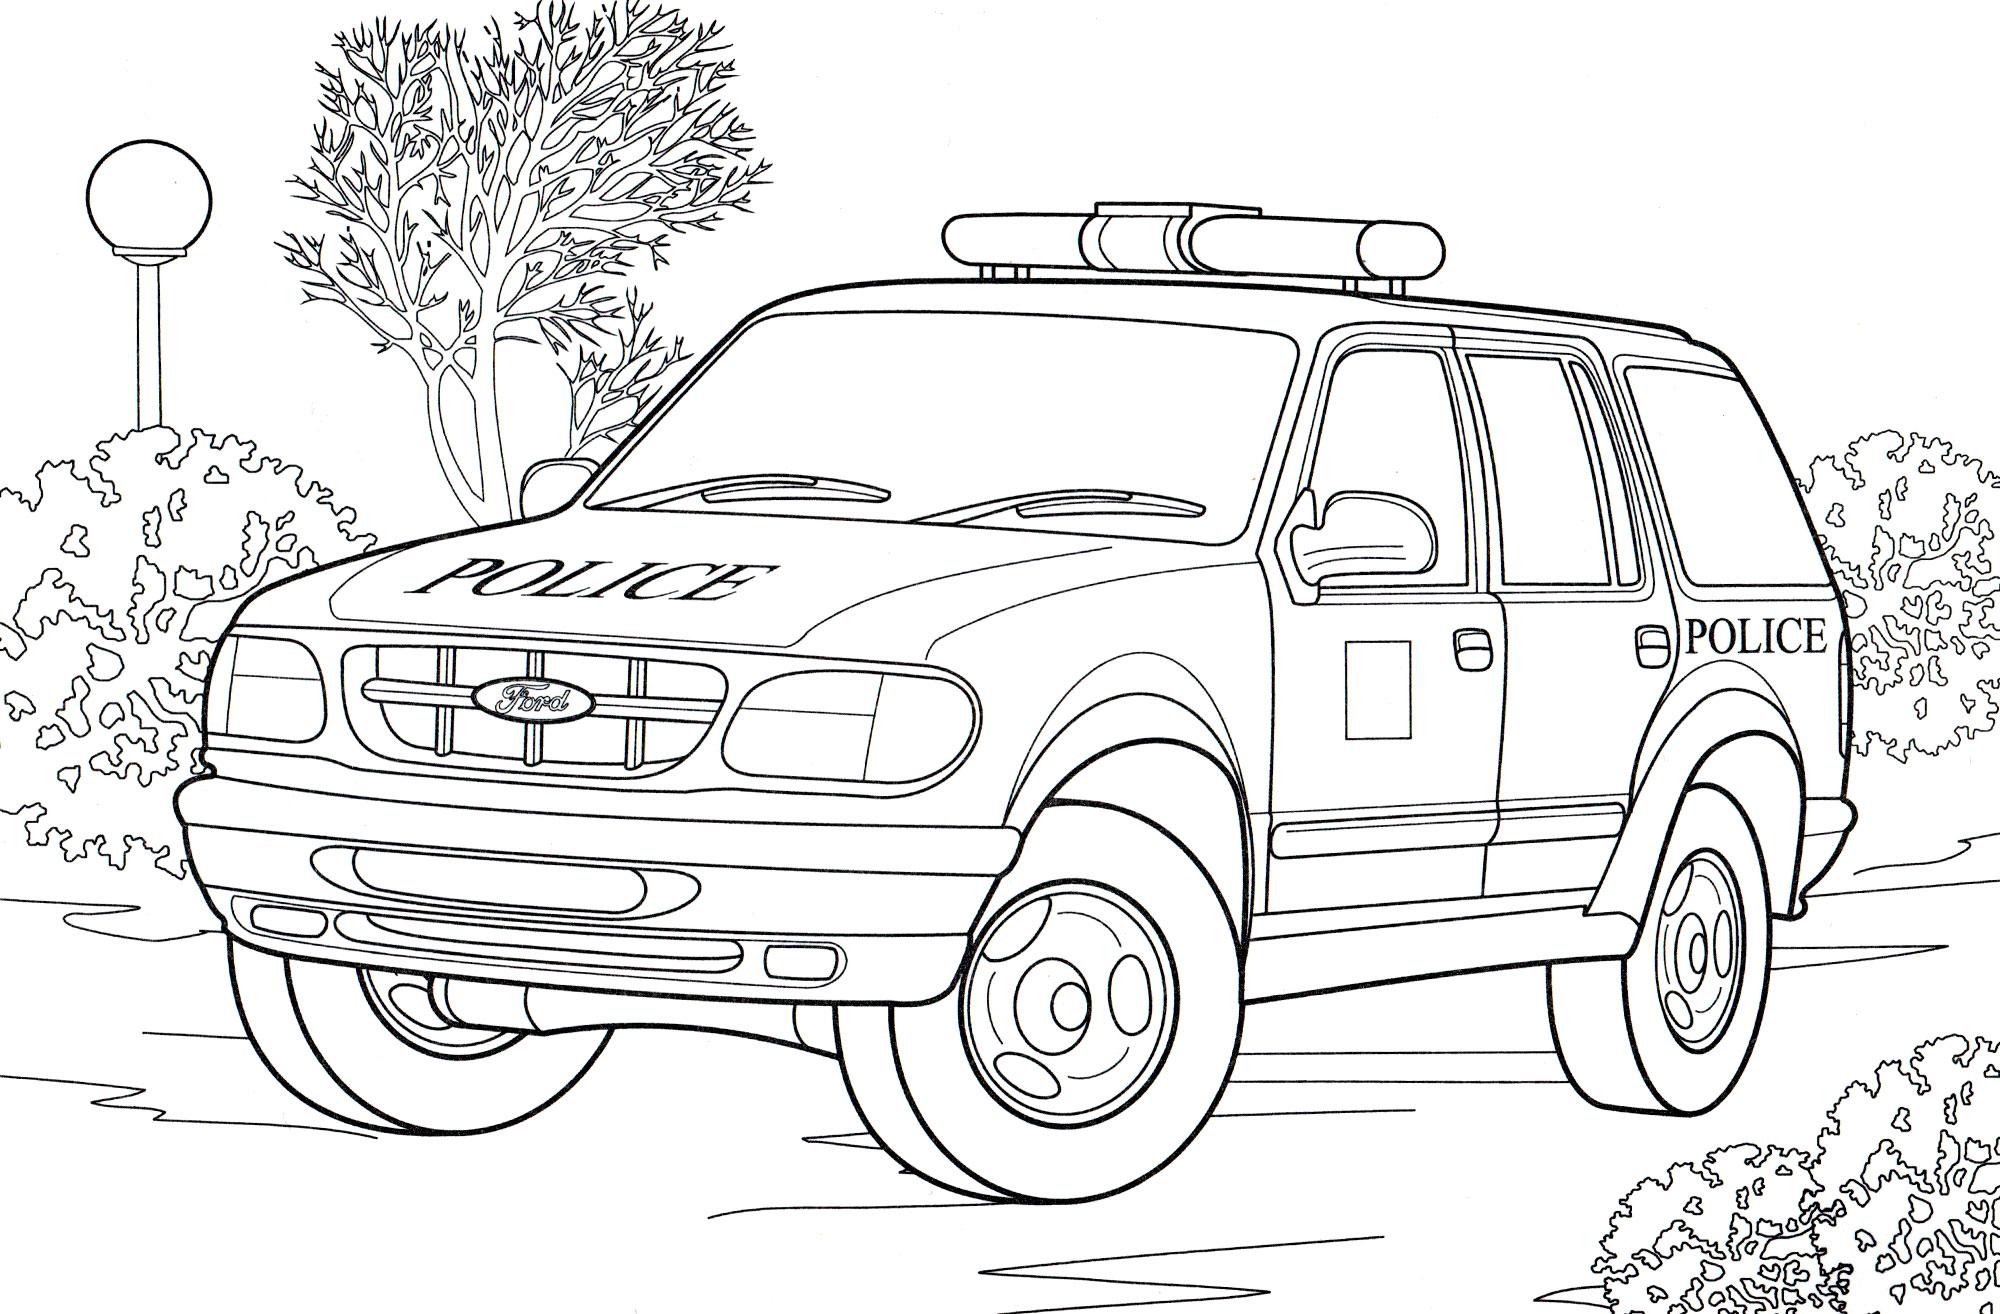 Раскраска Полицейский джип Англия - распечатать бесплатно